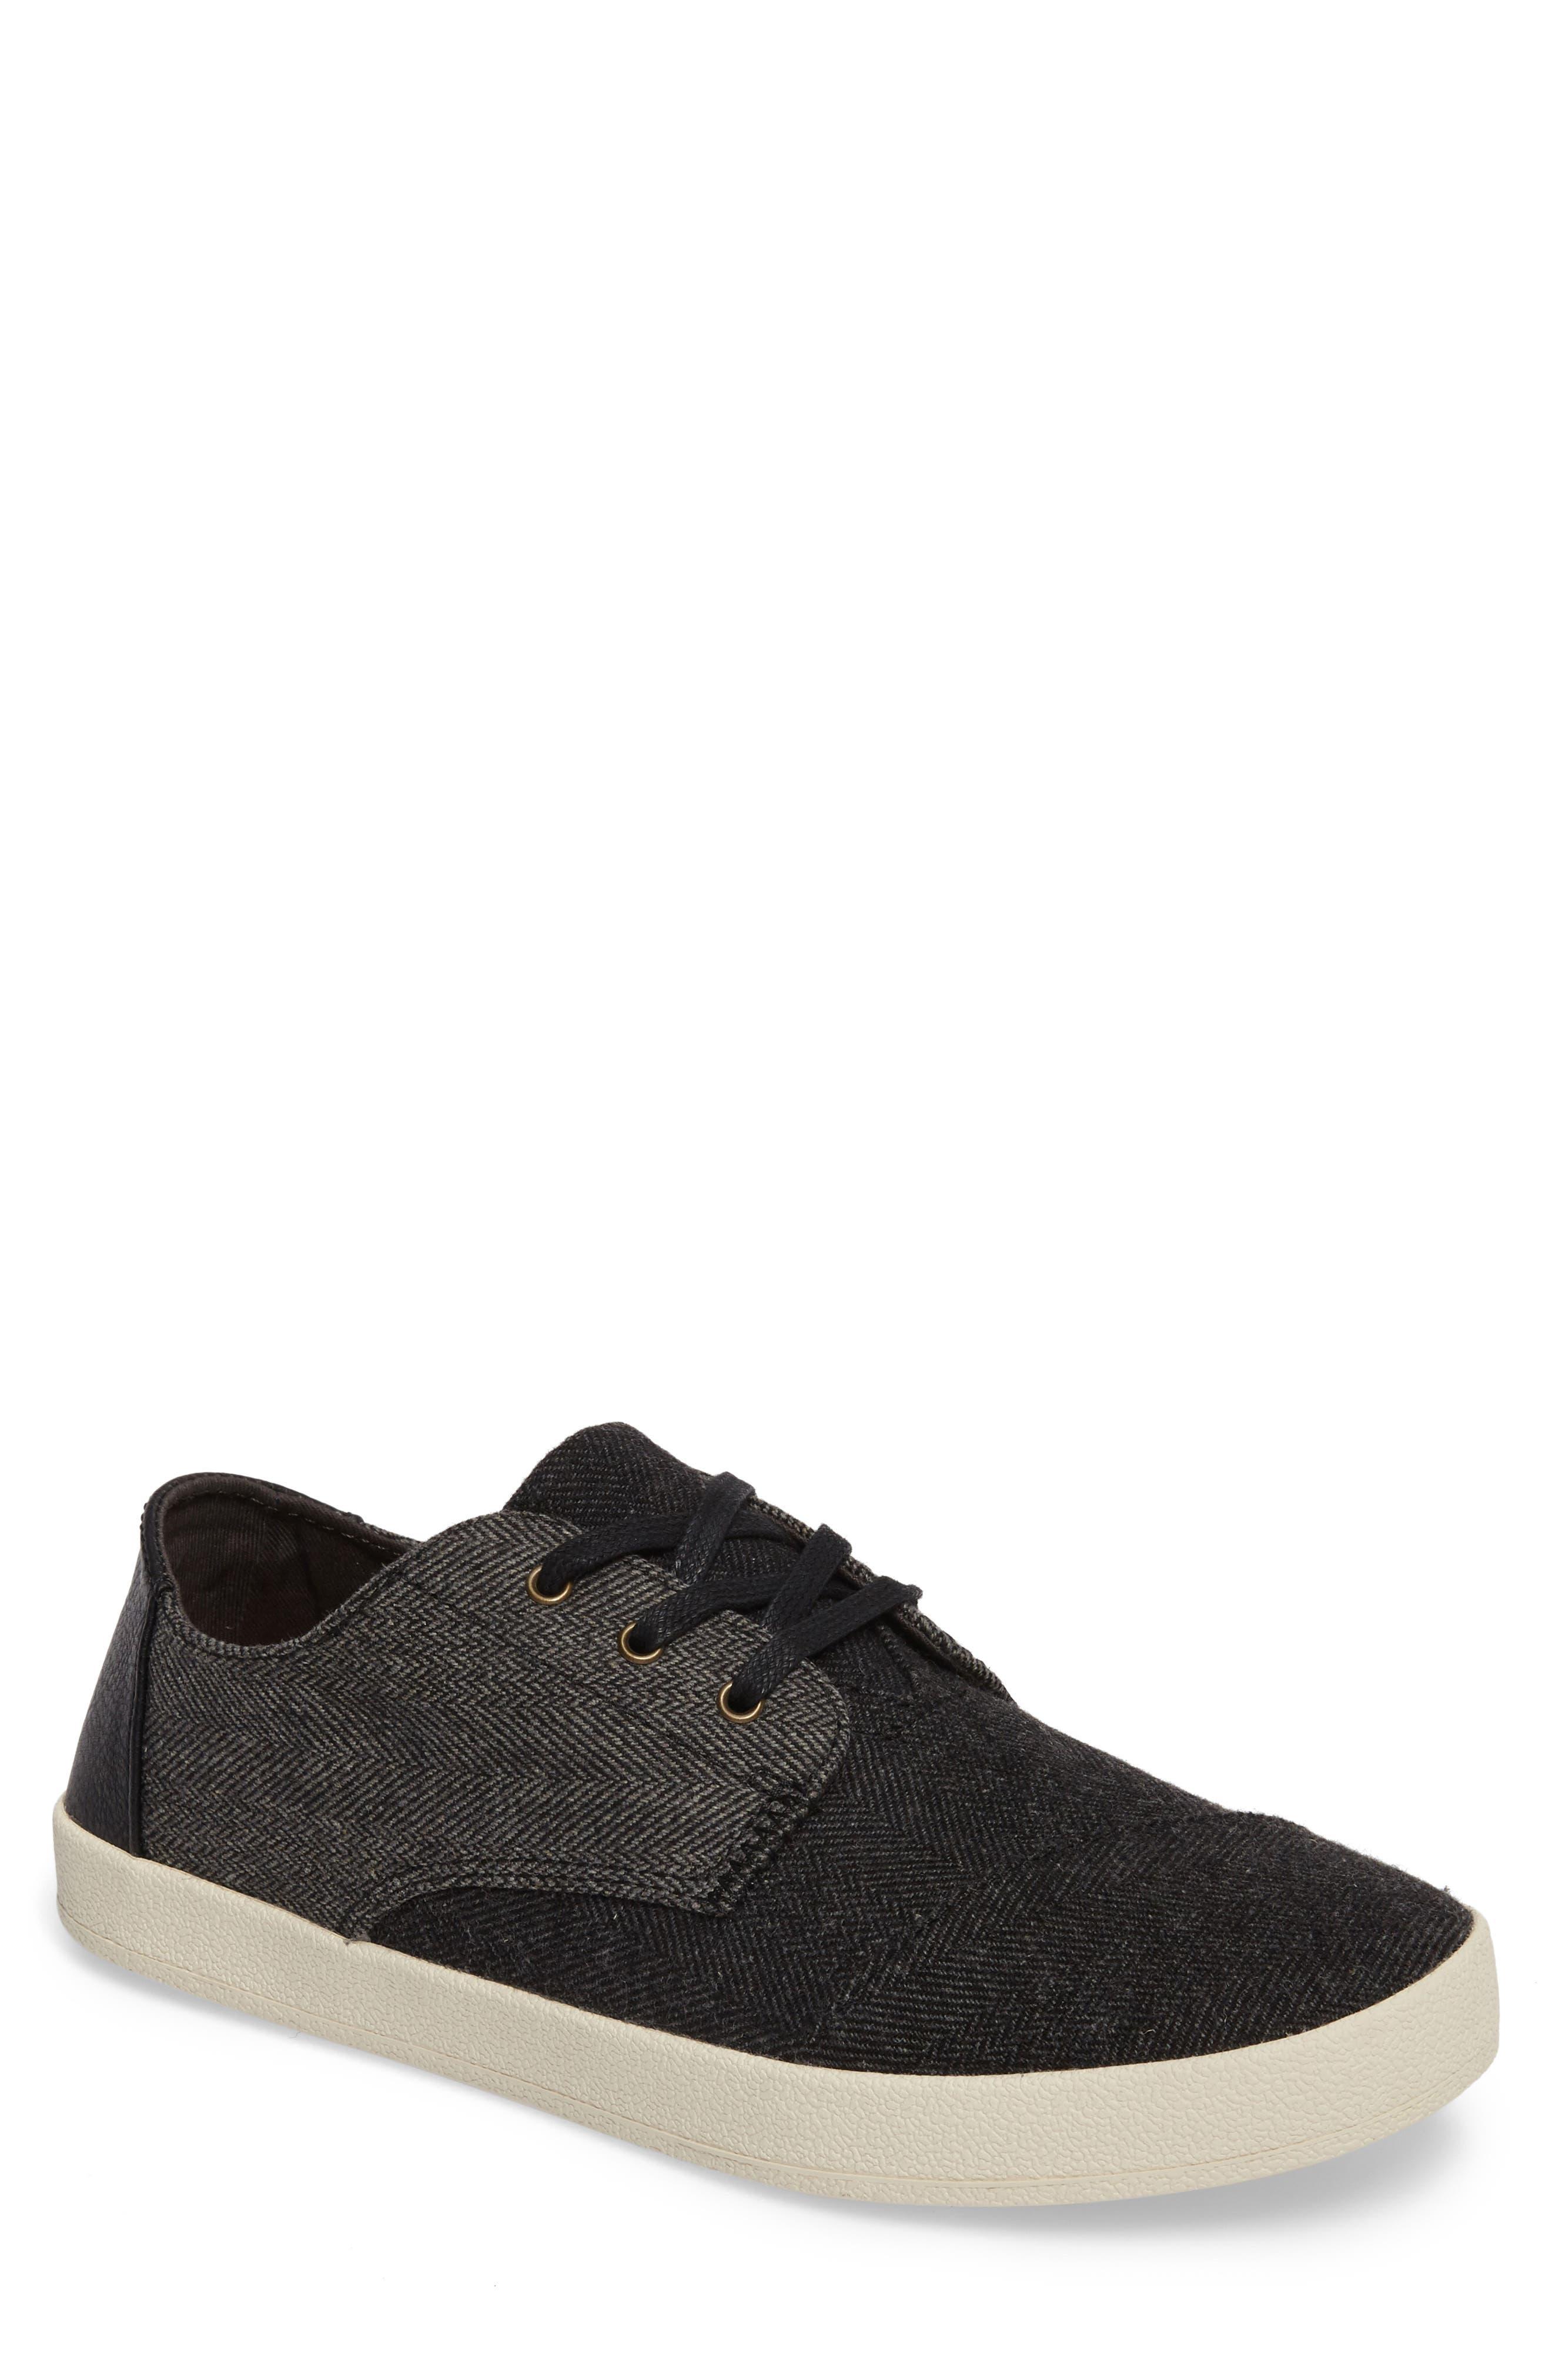 'Paseo' Sneaker,                             Main thumbnail 1, color,                             BLACK/ GREY